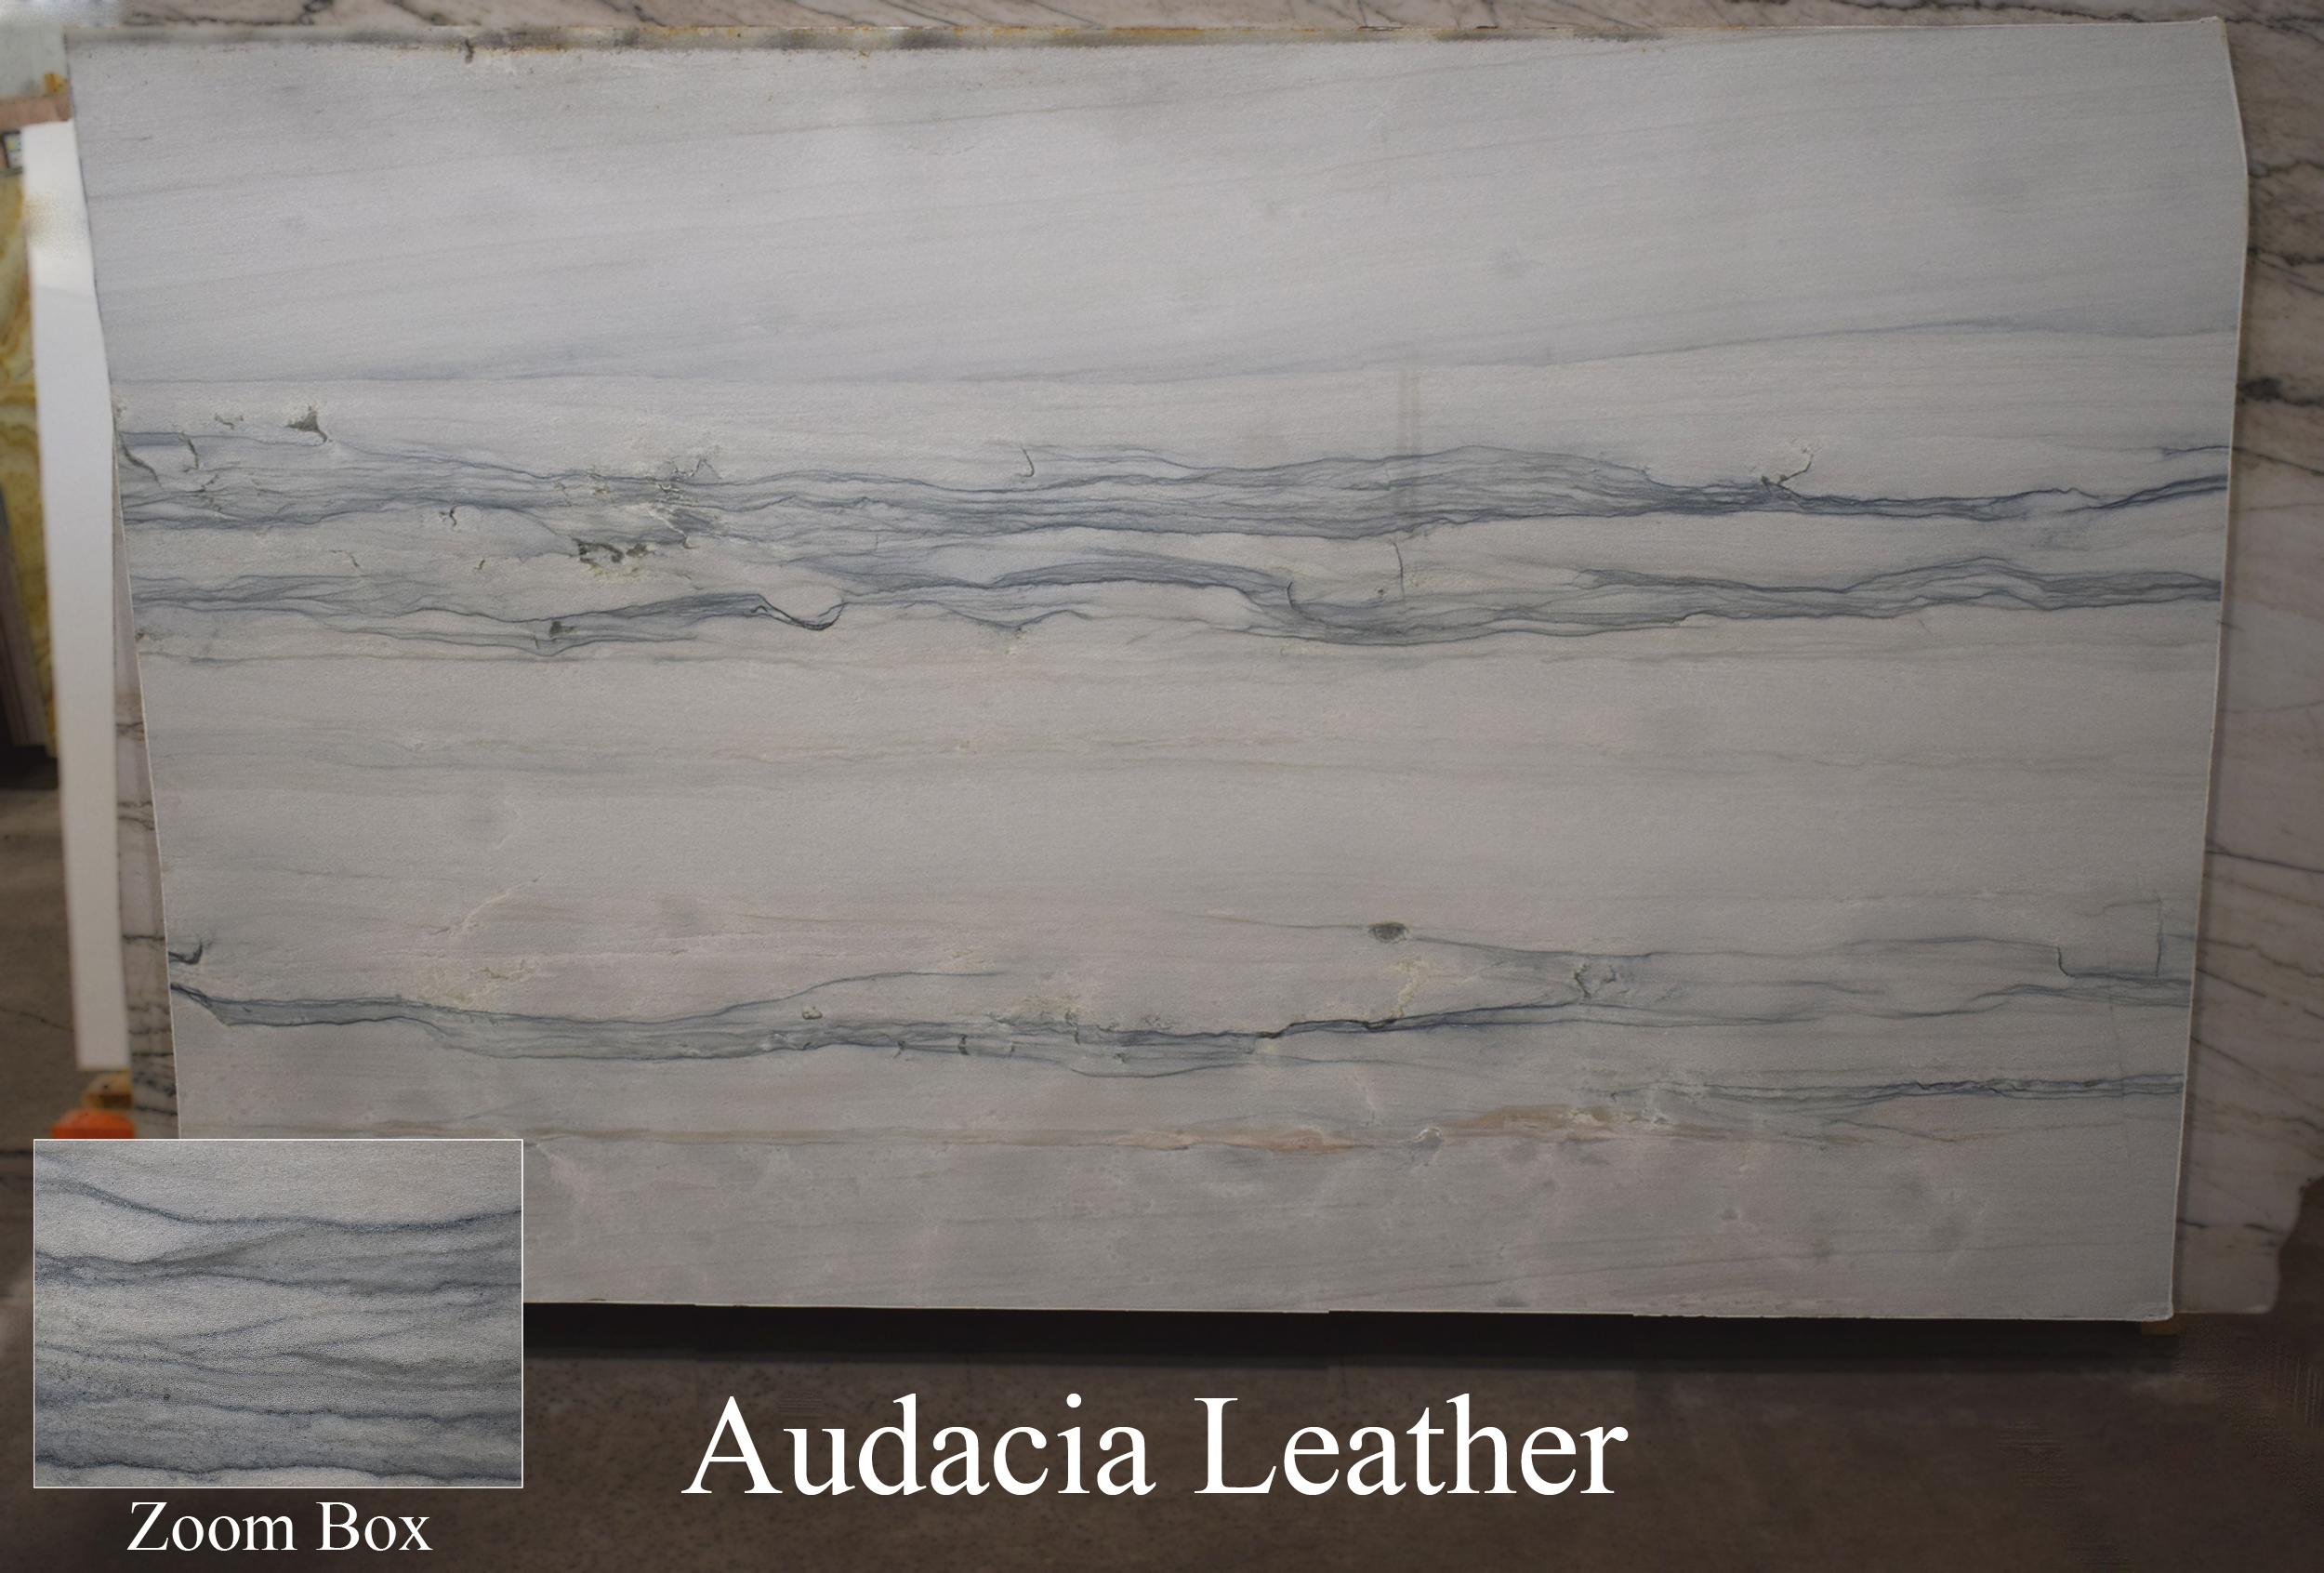 AUDACIA LEATHER